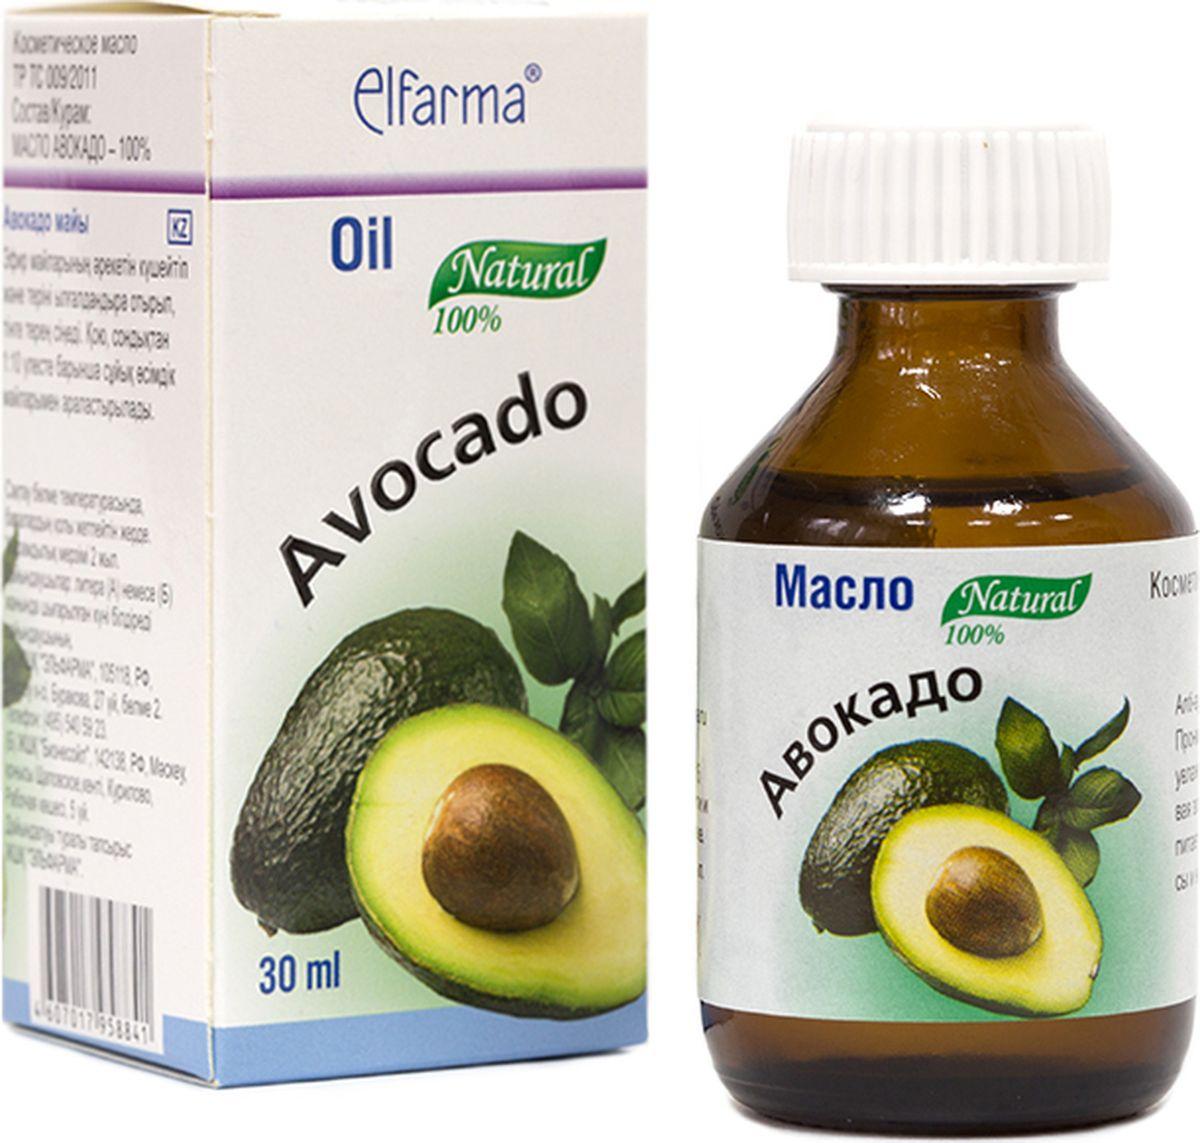 Elfarma Масло Авокадо, 30 мл00000001089Проникает глубоко в ткани, усиливая действие эфирных масел и увлажняет кожу.